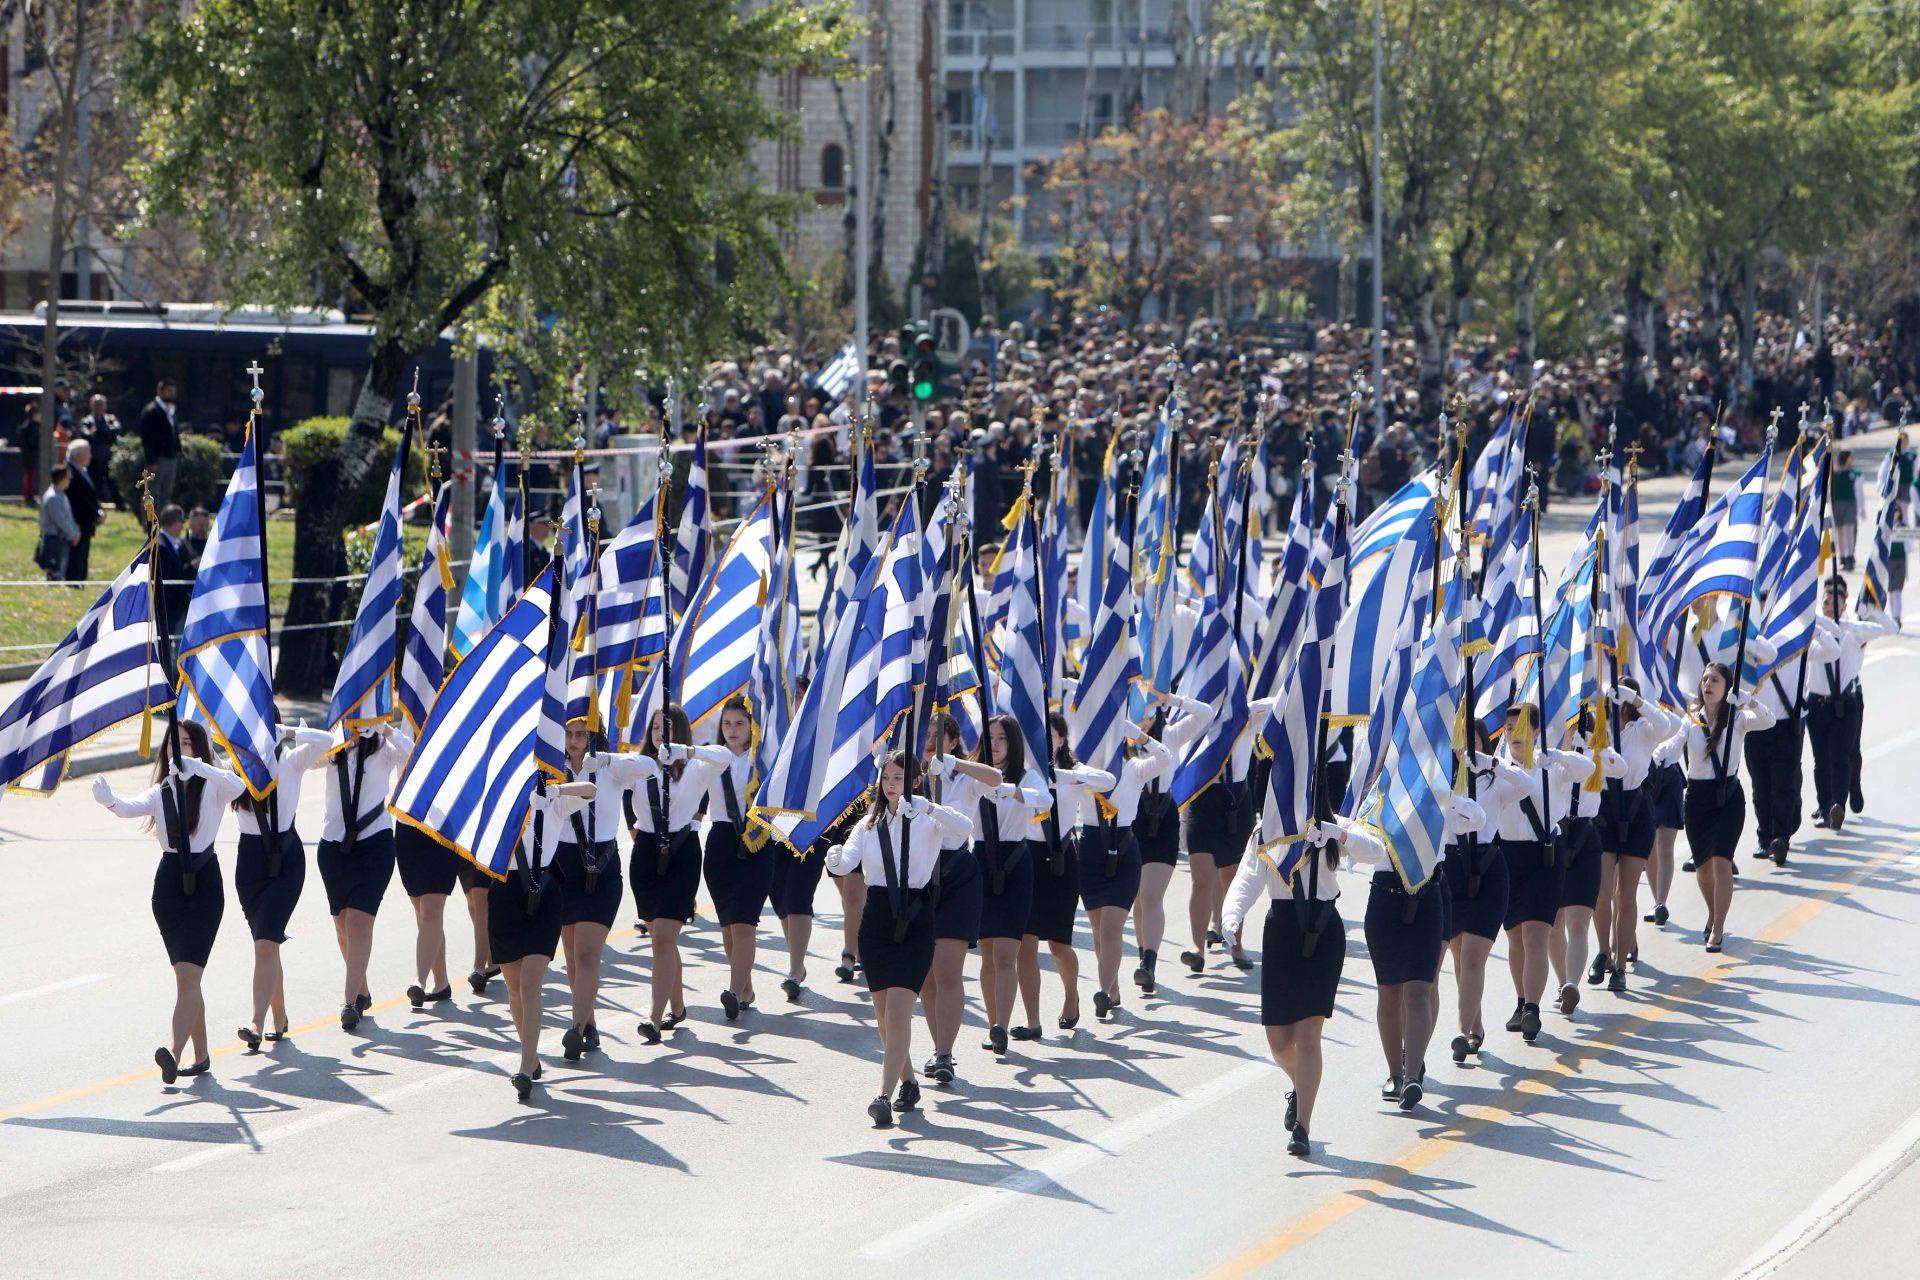 Δημοσκόπηση Marc: «Ναι» στις παρελάσεις- Πρώτος ο ΣΥΡΙΖΑ στους ανεμβολίαστους